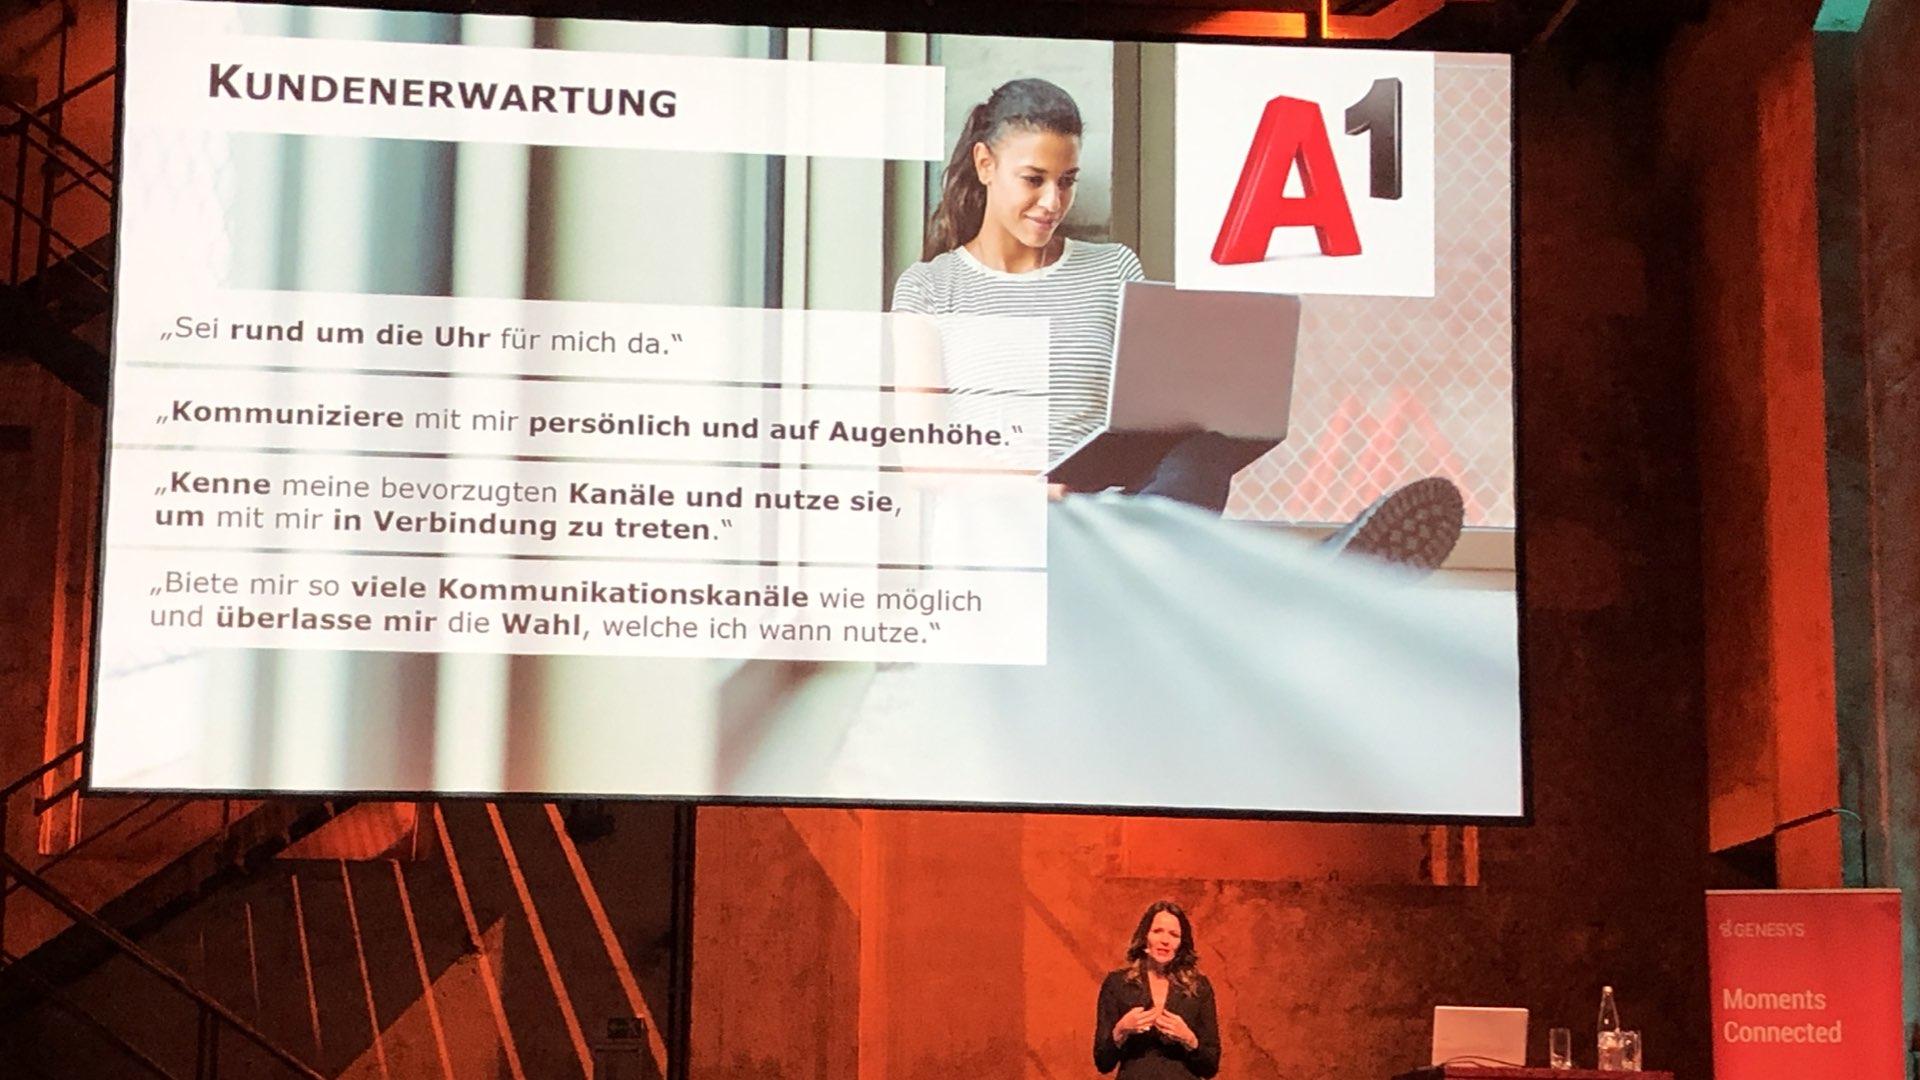 Elke Schaffer (Director Customer Service & Sales von A1) über die Kundenerwartung